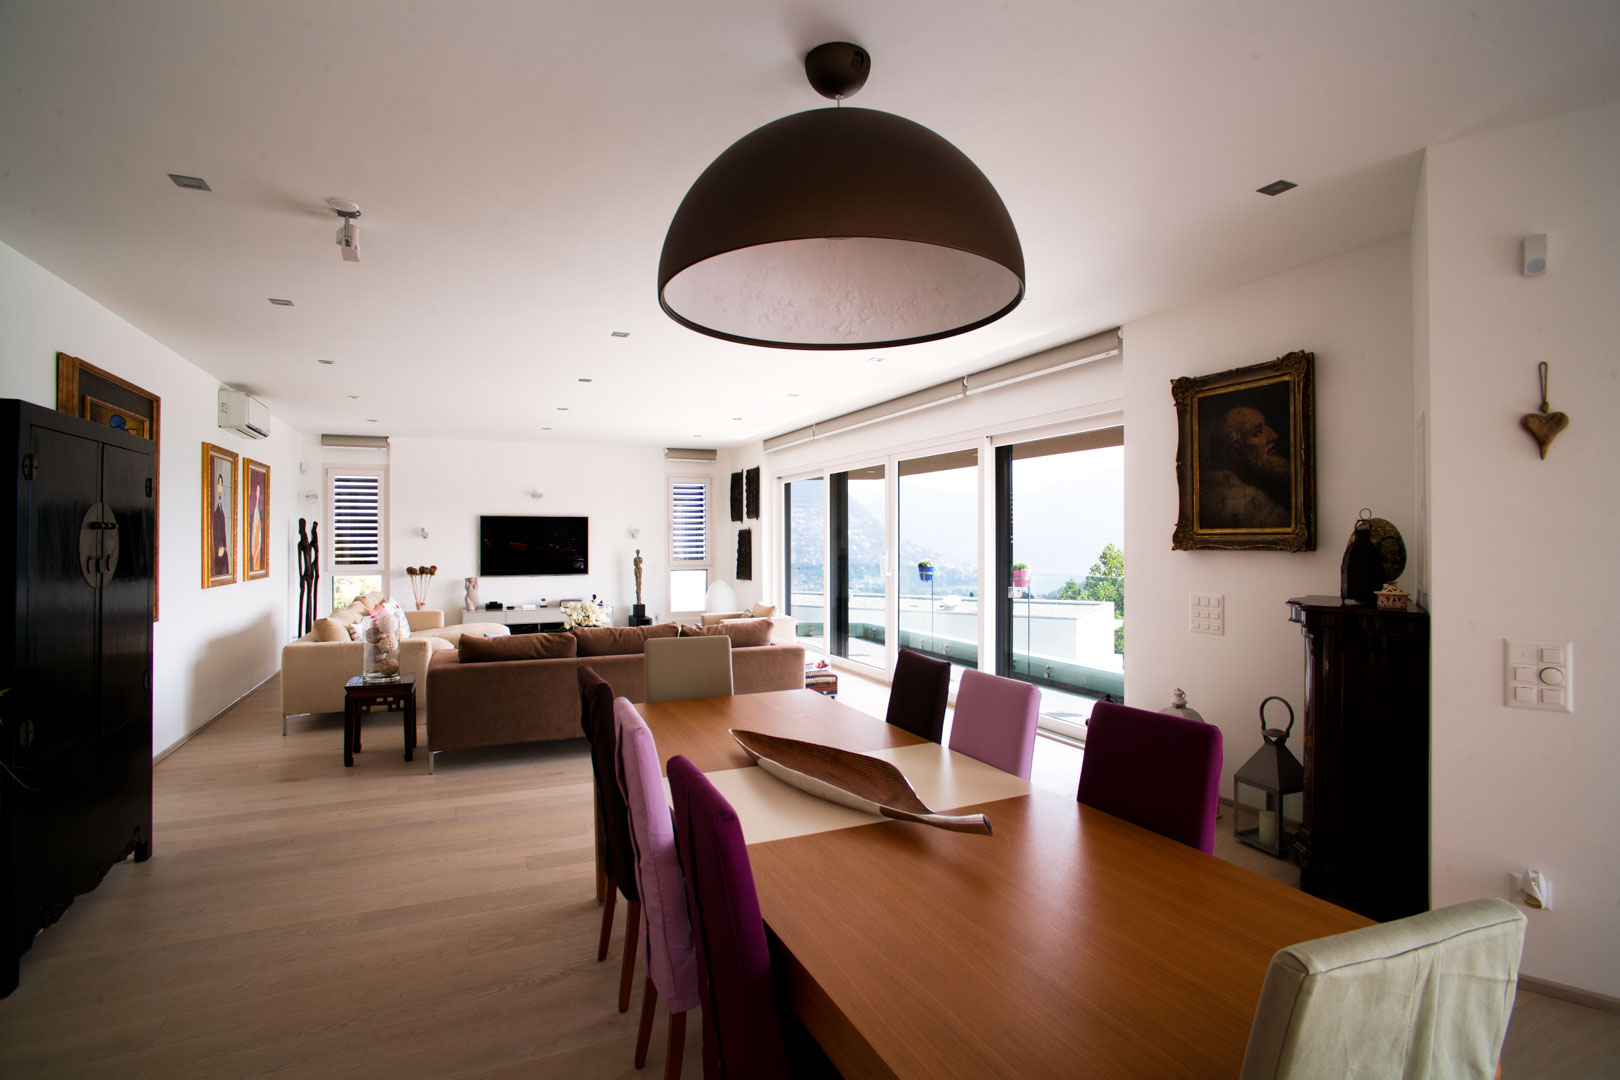 Svizzera 2 servizio fotografico di interni arredamento - Arredamento interni design ...